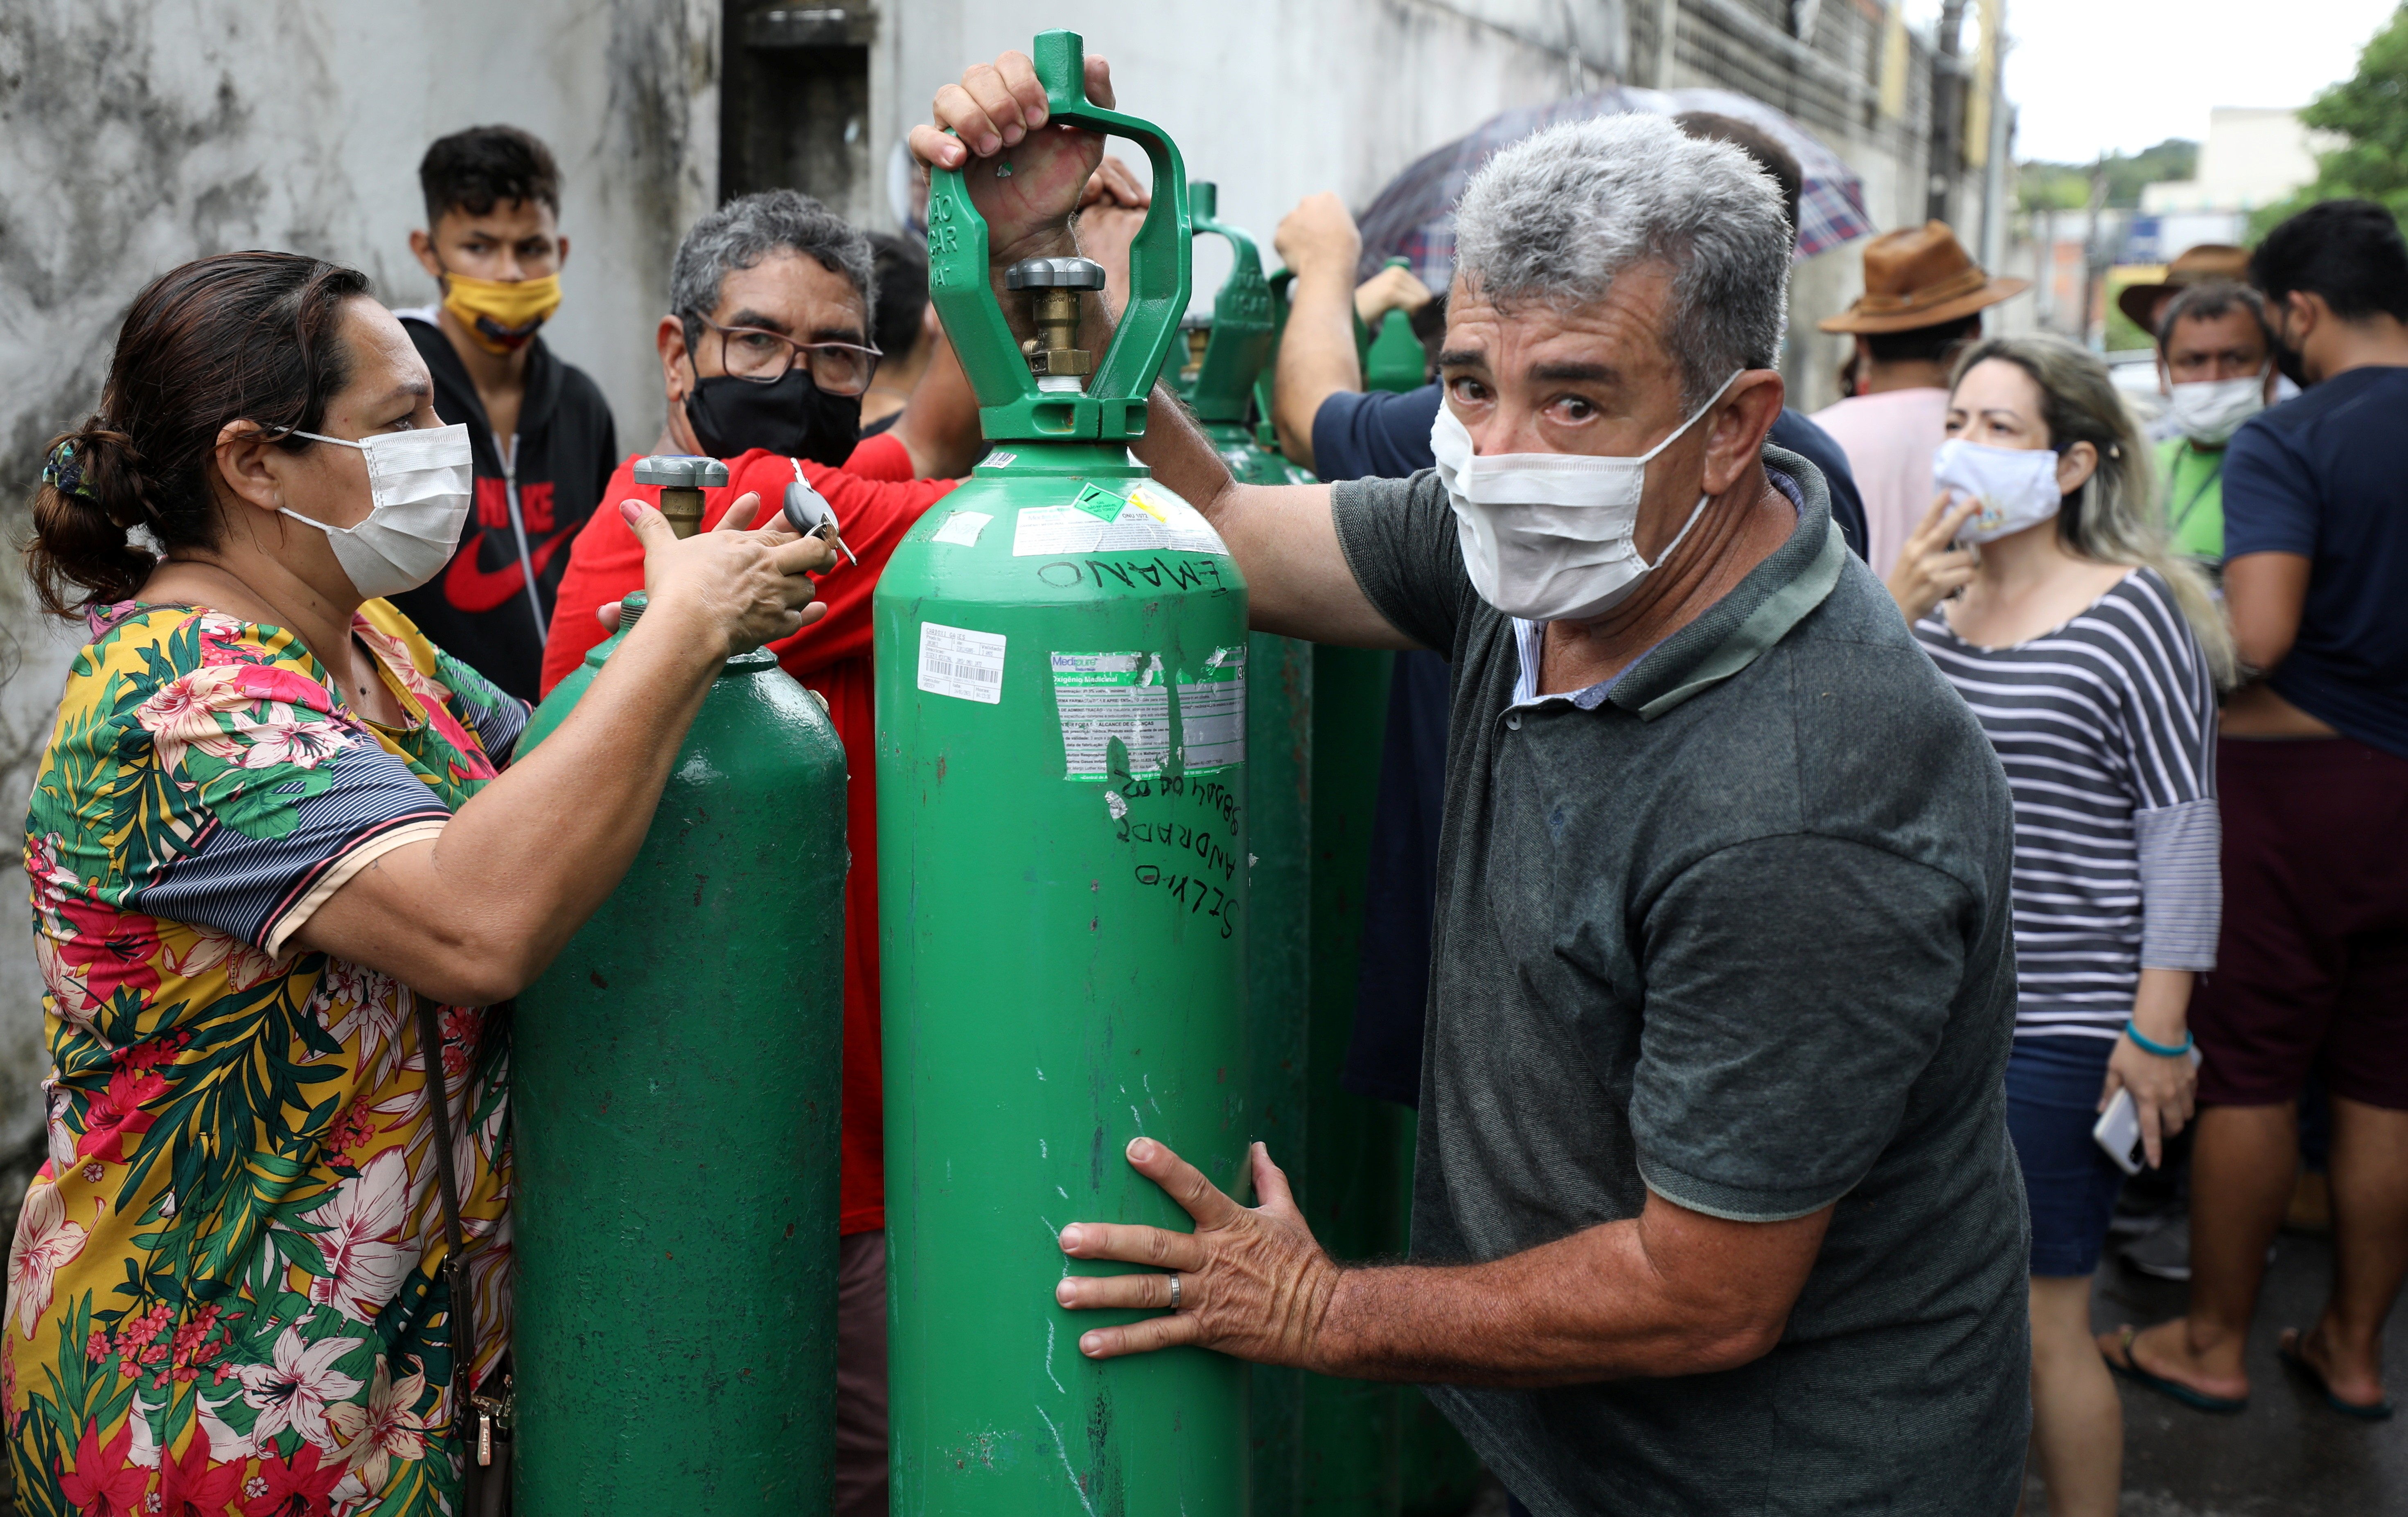 Secretaria de Saúde do AM afirmou, em novembro, que oxigênio contratado era insuficiente para demanda